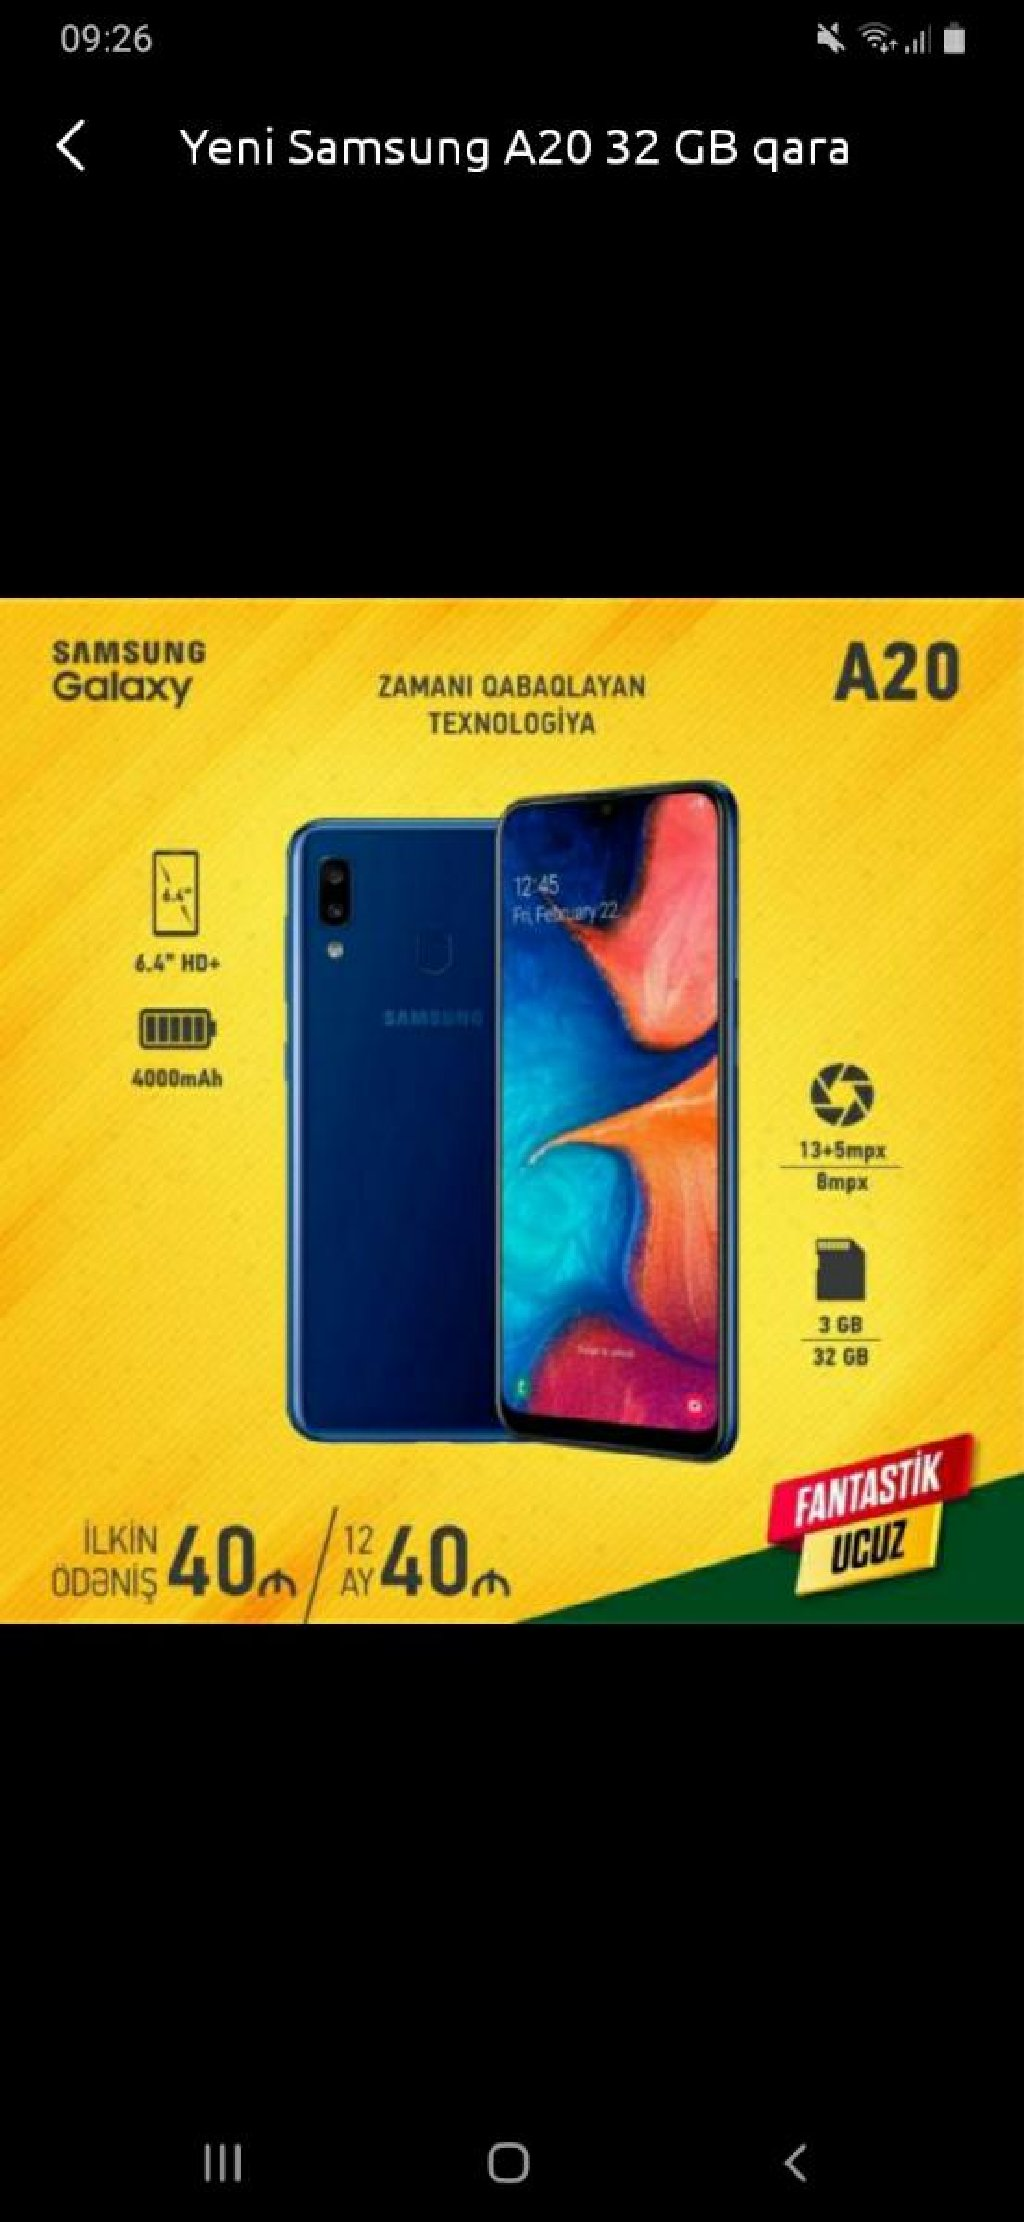 Yeni Samsung A20 128 GB